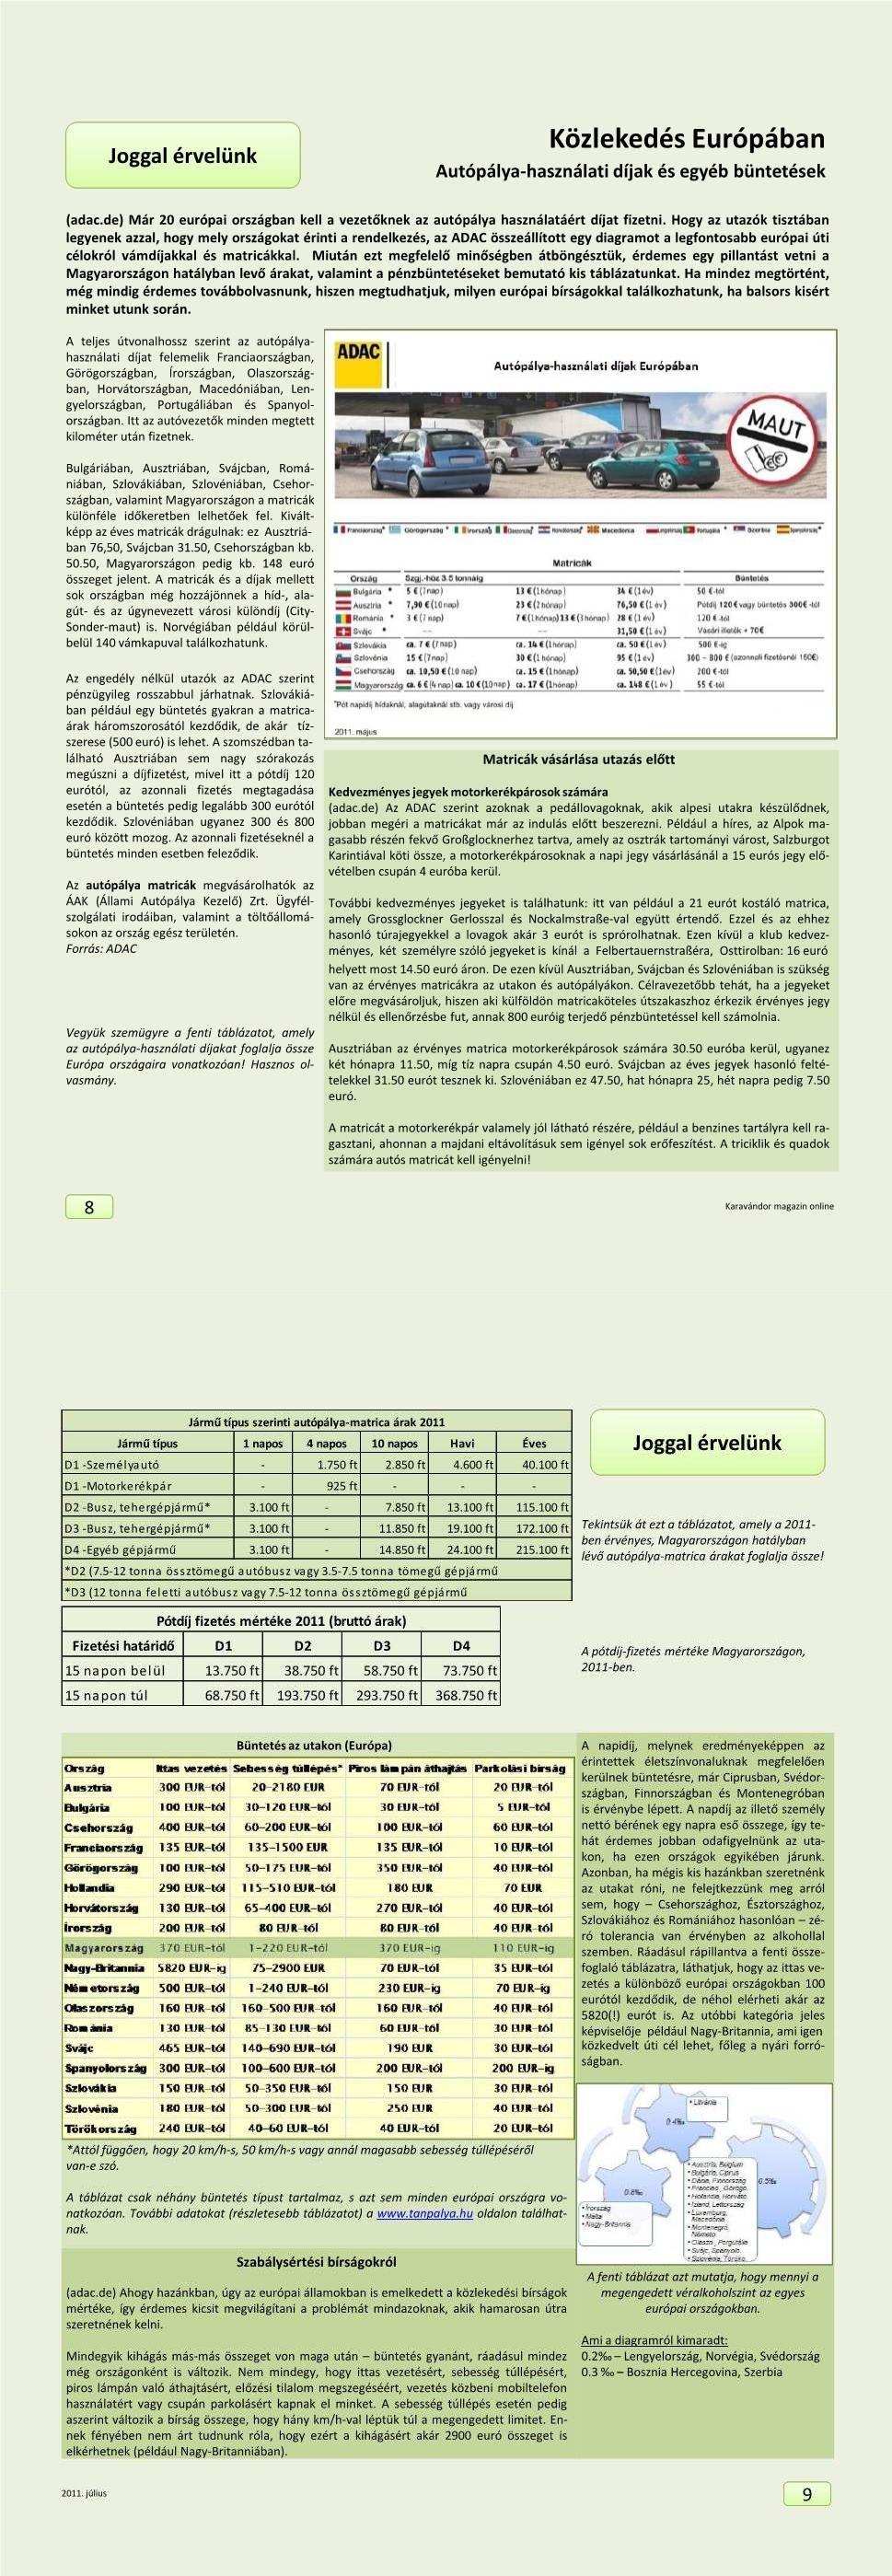 Joggal érvelünk - Autópálya használati díjak Európában